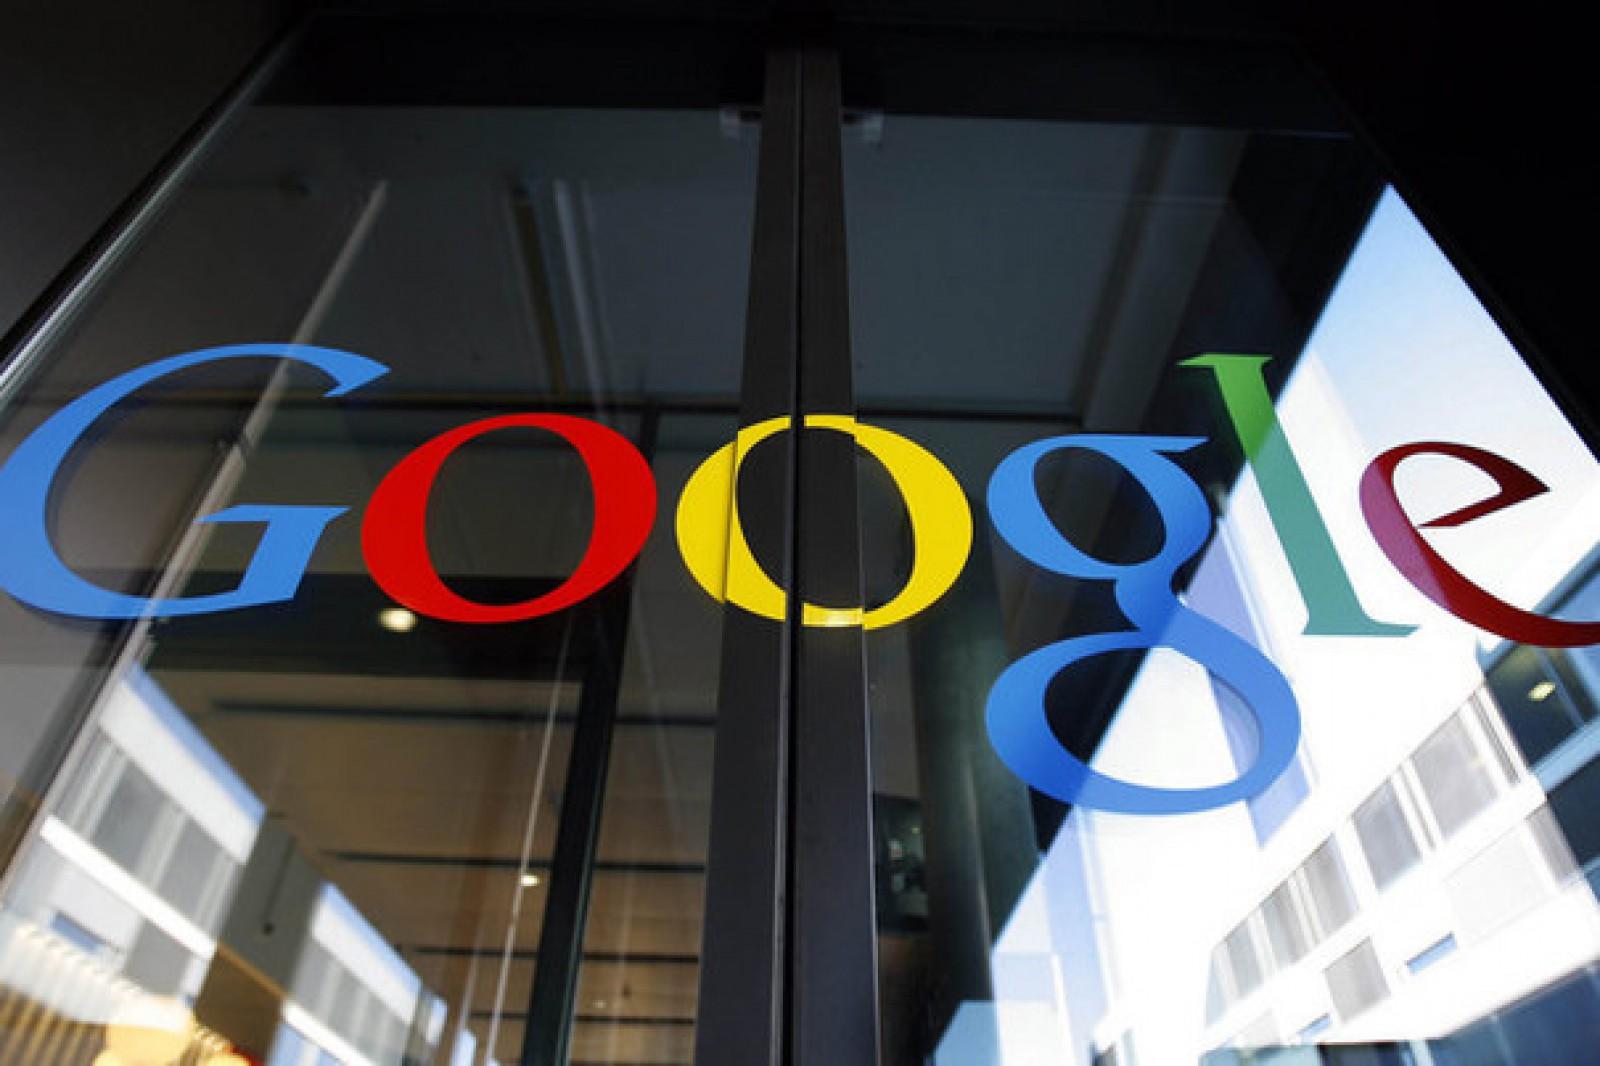 Google a primit cea mai mare amendă din lume de la Comisia Europeană: Cinci miliarde de dolari